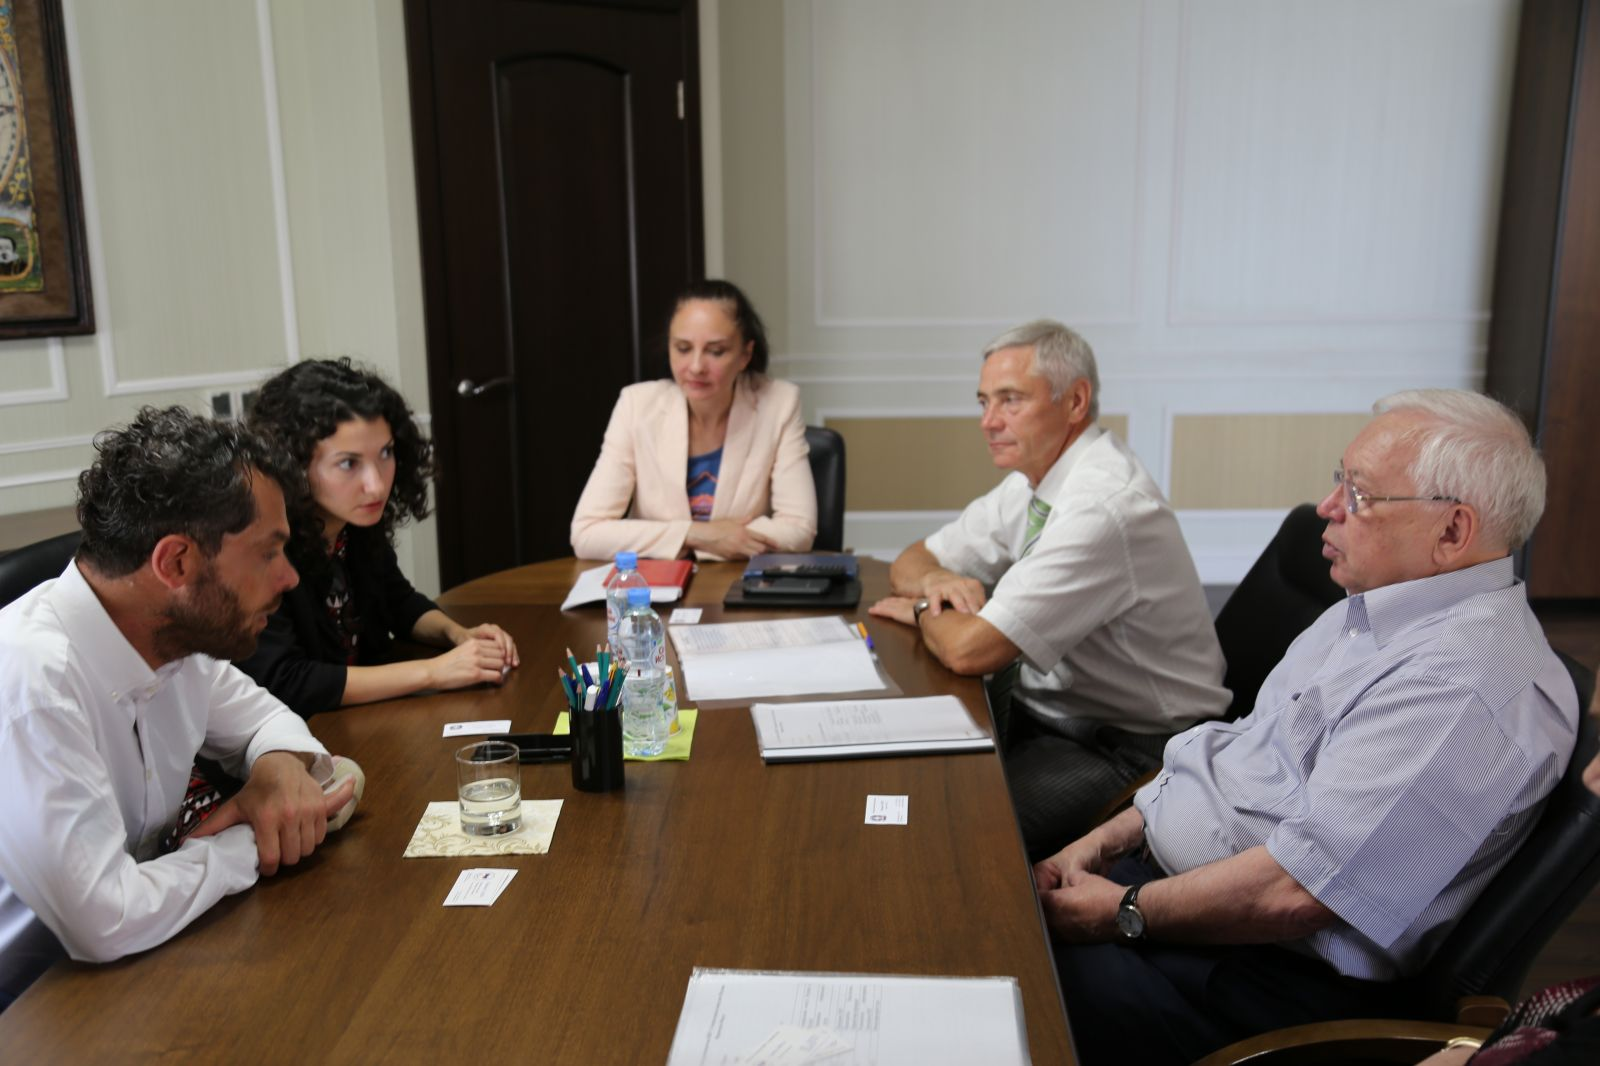 В офисе ПКР состоялась встреча В.П. Лукина, П.А. Рожкова с Генеральным Консулом Италии в России Франческо Форте